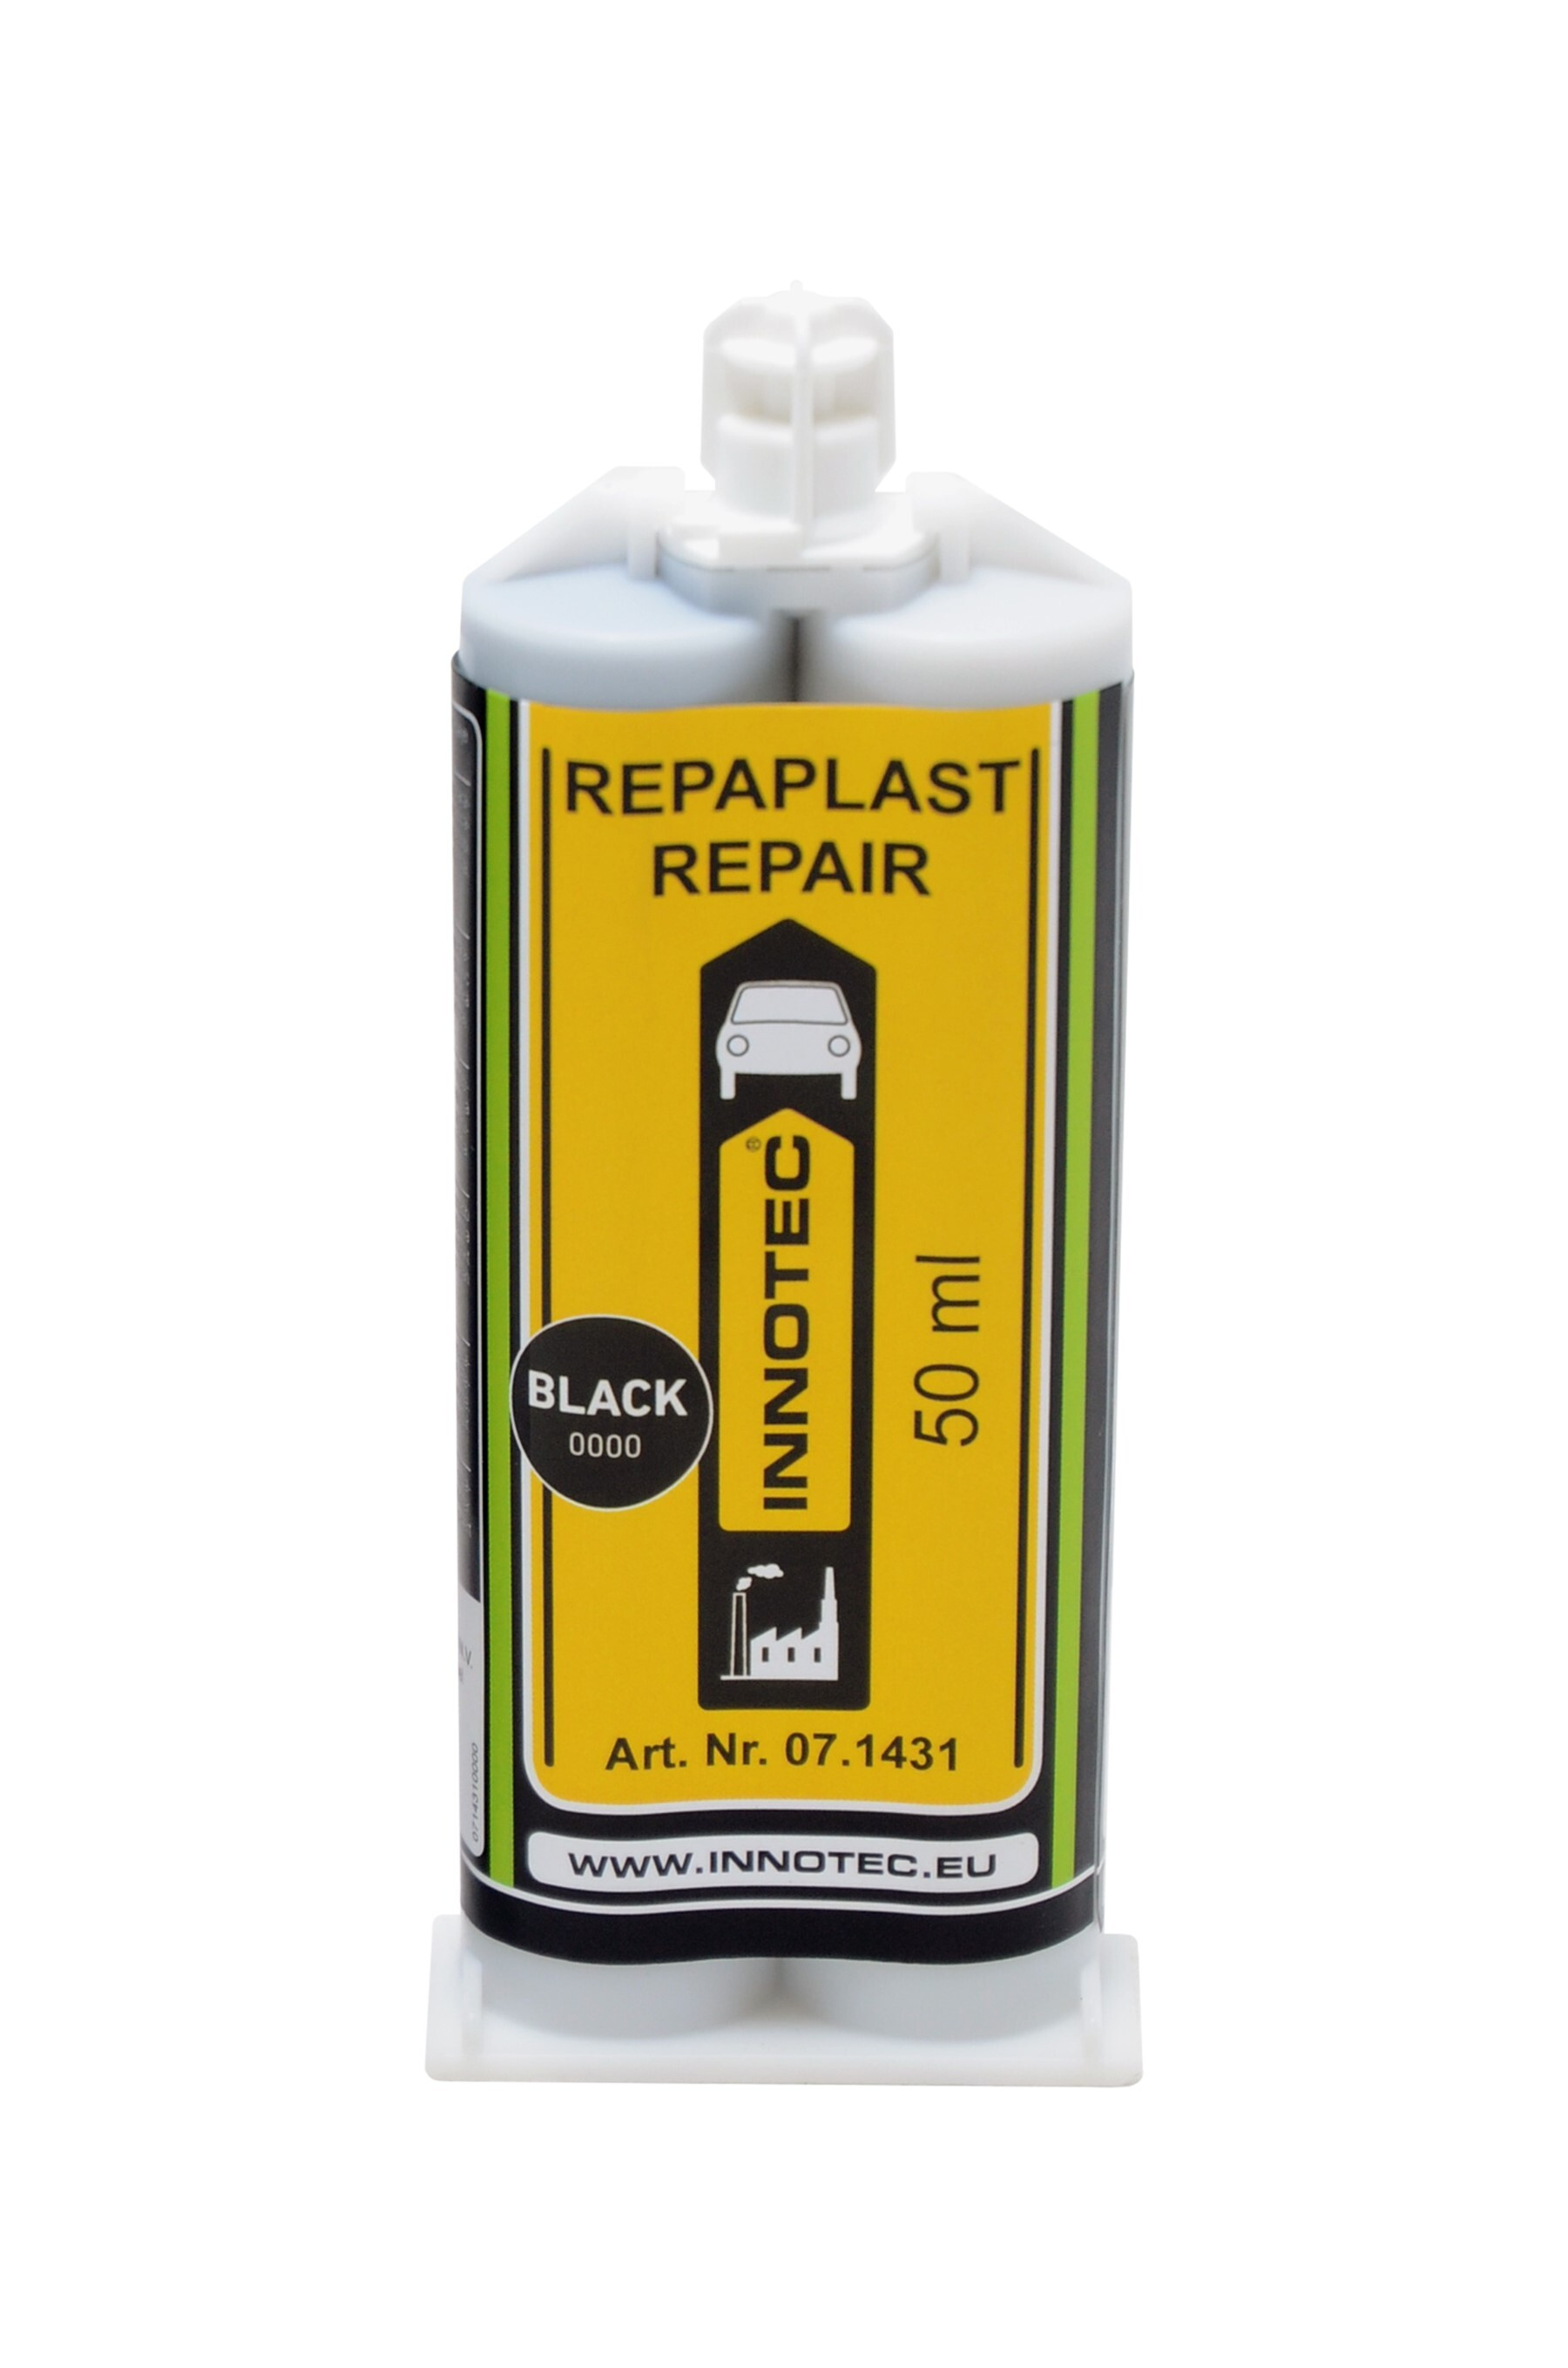 1897 Repaplast repair Black